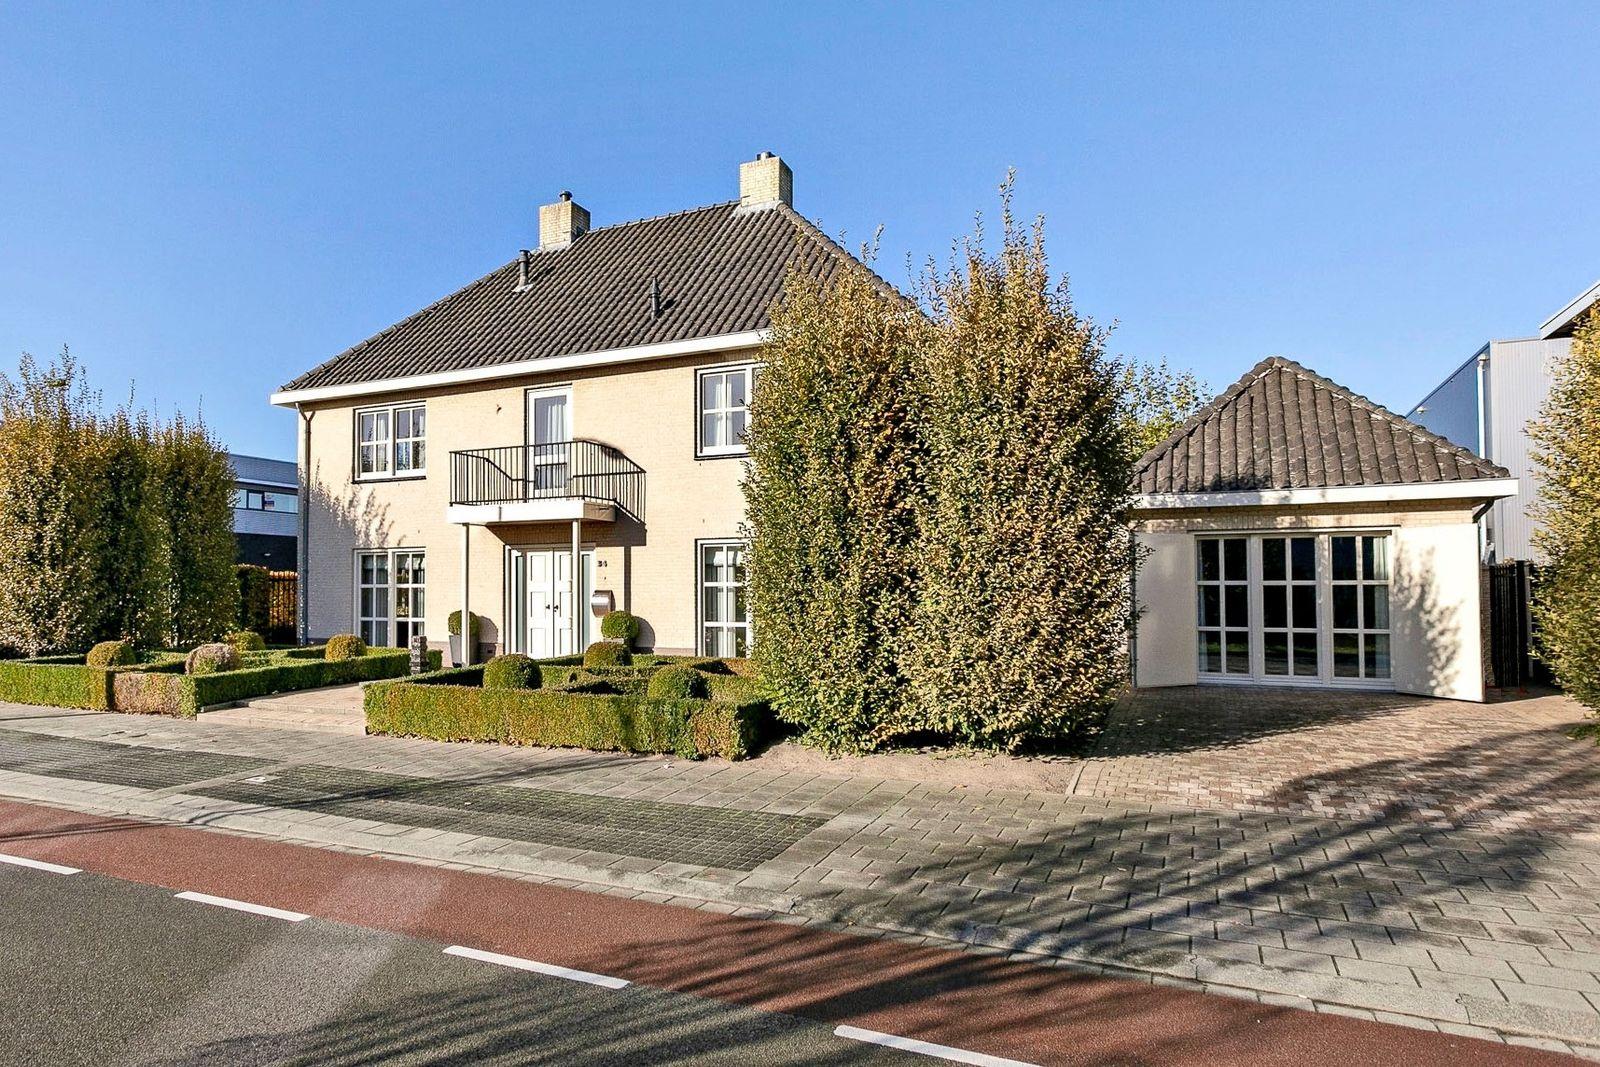 Veldsteen 34, Breda